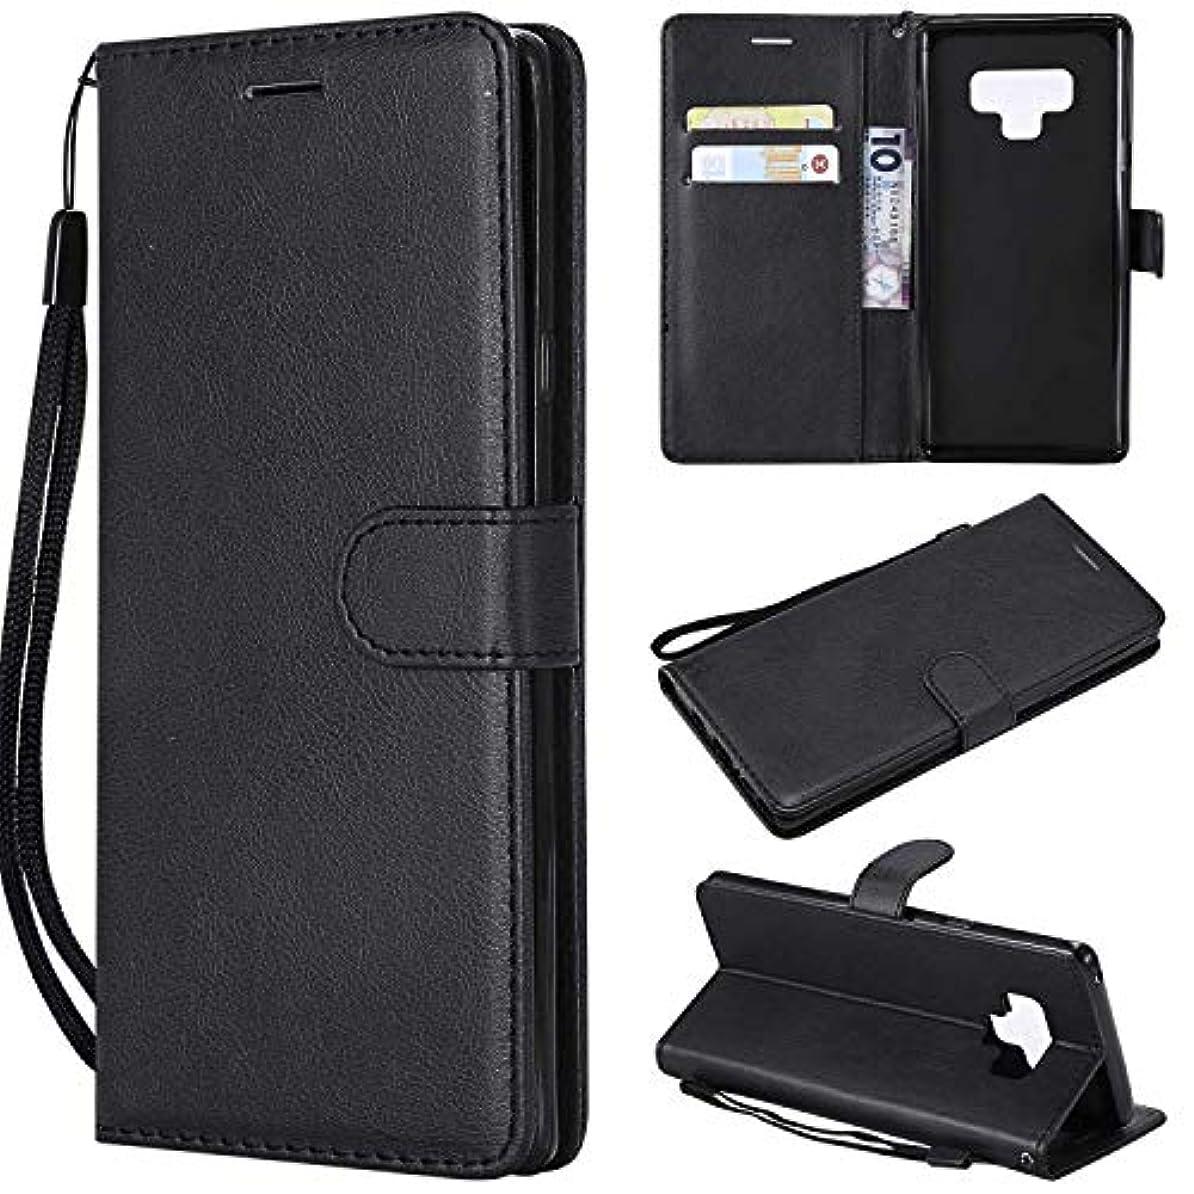 左章おじいちゃんGalaxy Note 9 ケース手帳型 OMATENTI レザー 革 薄型 手帳型カバー カード入れ スタンド機能 サムスン Galaxy Note 9 おしゃれ 手帳ケース (2-ブラック)